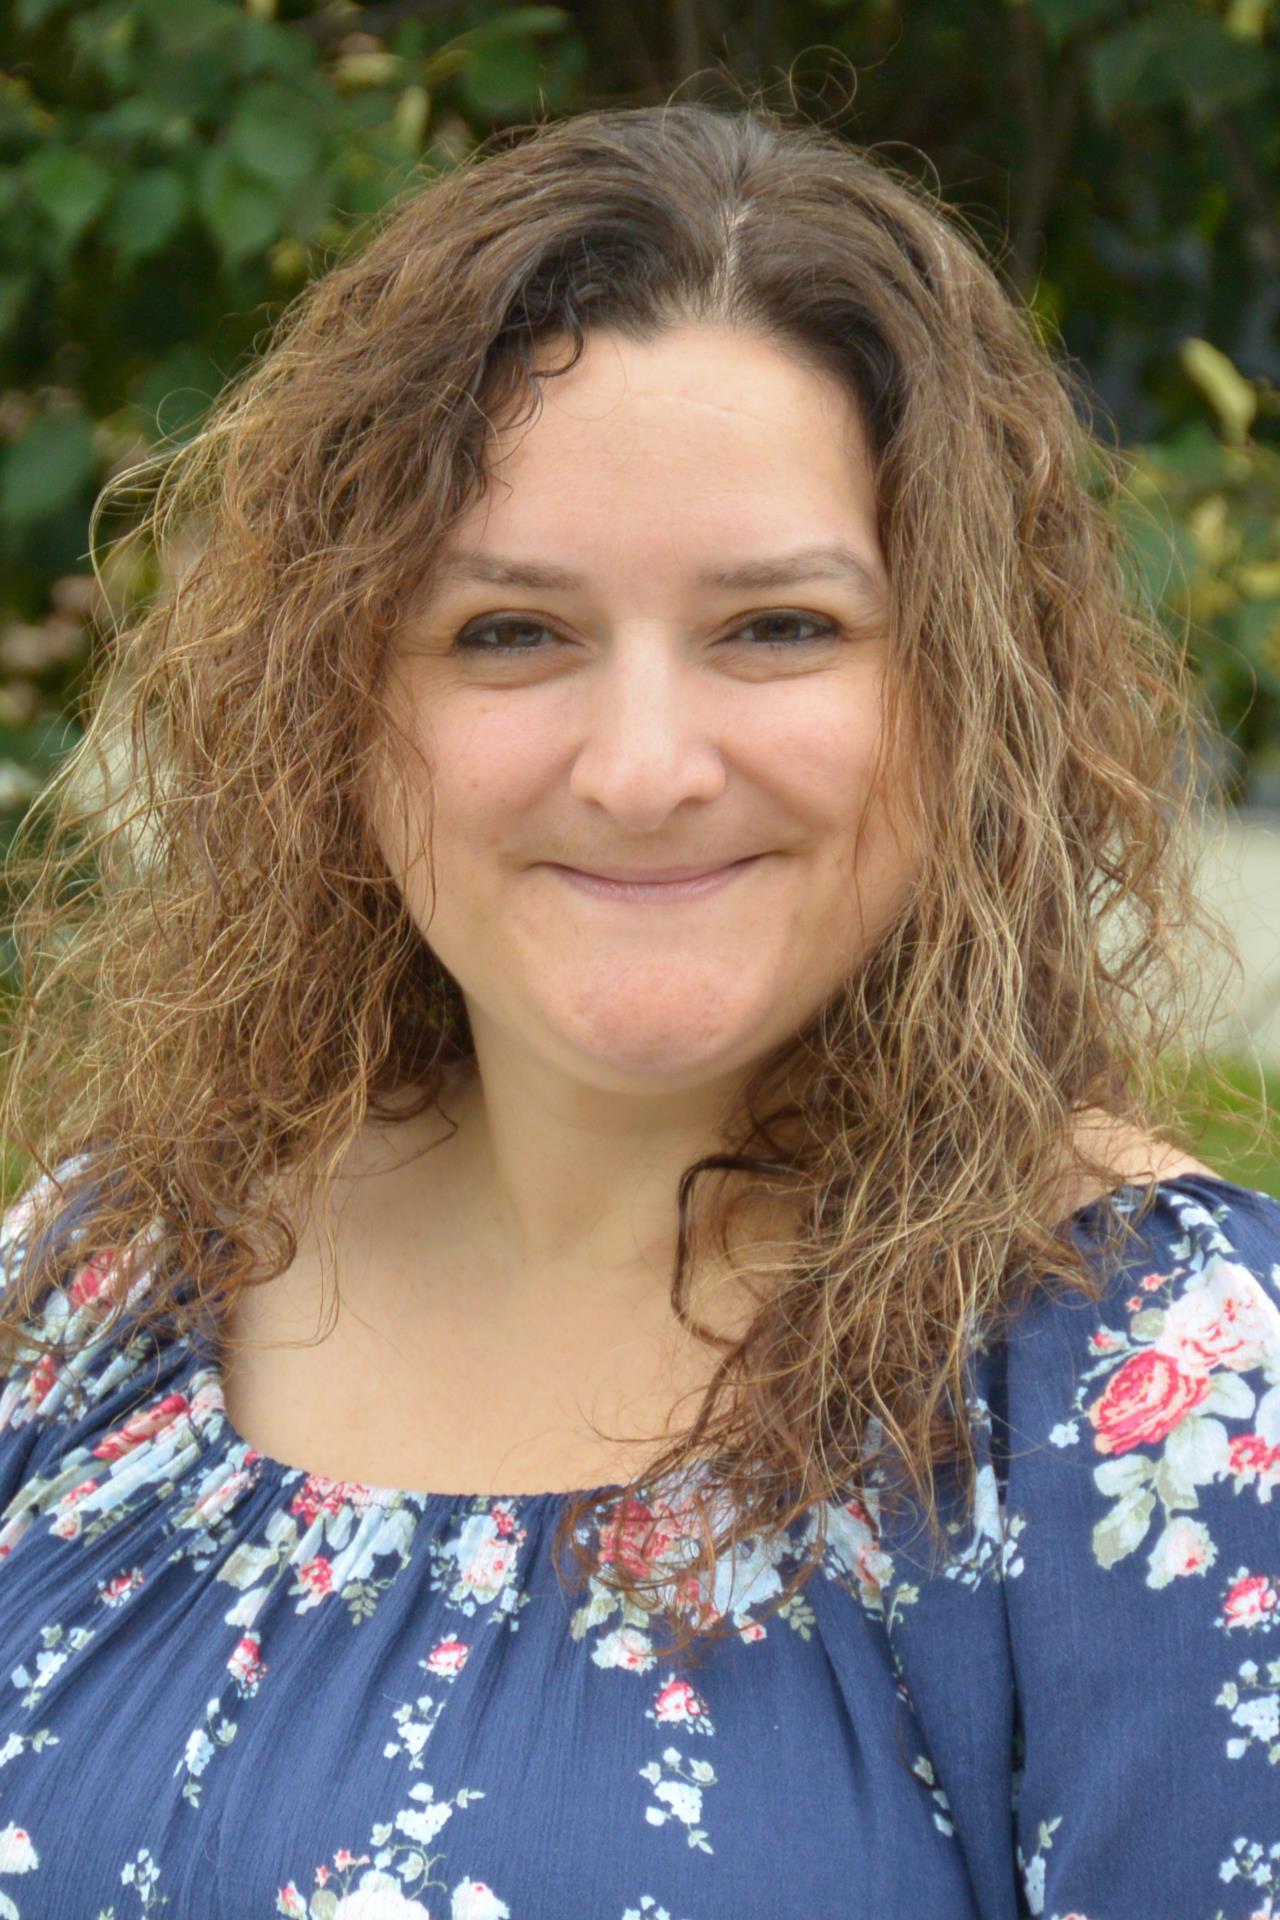 Norwich HS Assistant Principal